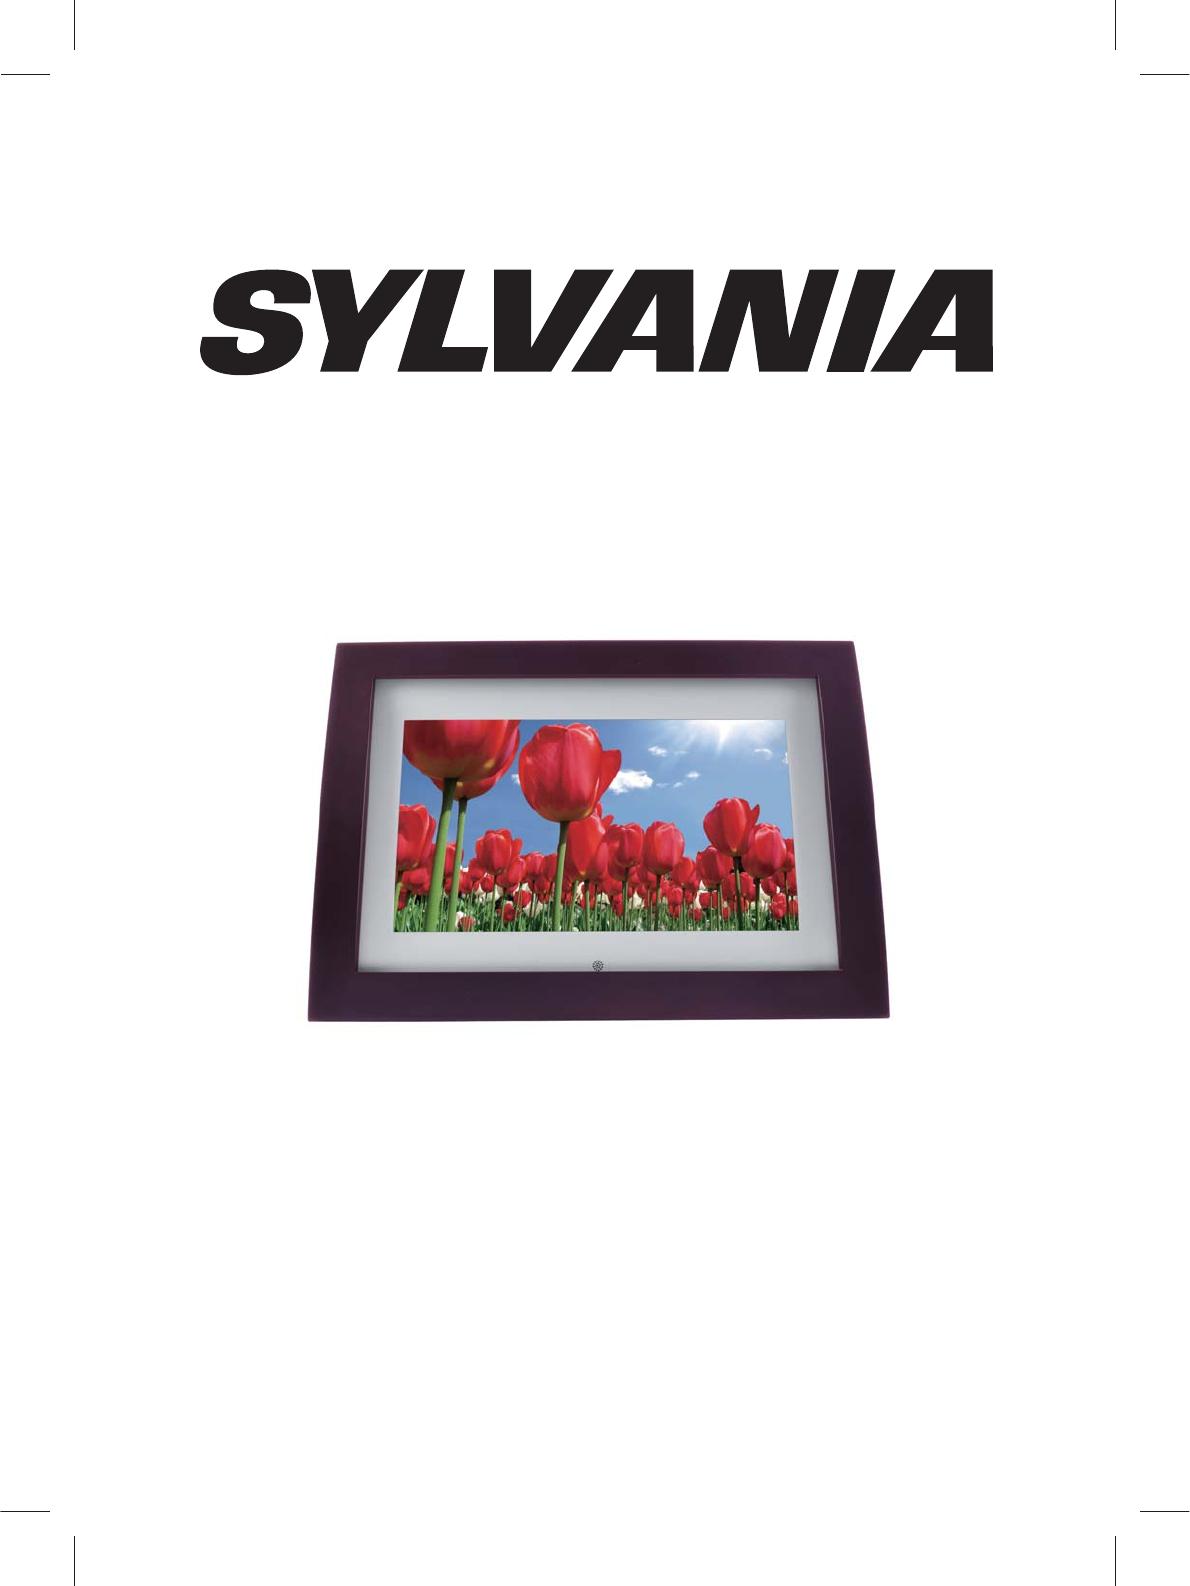 Sylvania Digital Photo Frame SDPF1008 User Guide | ManualsOnline.com